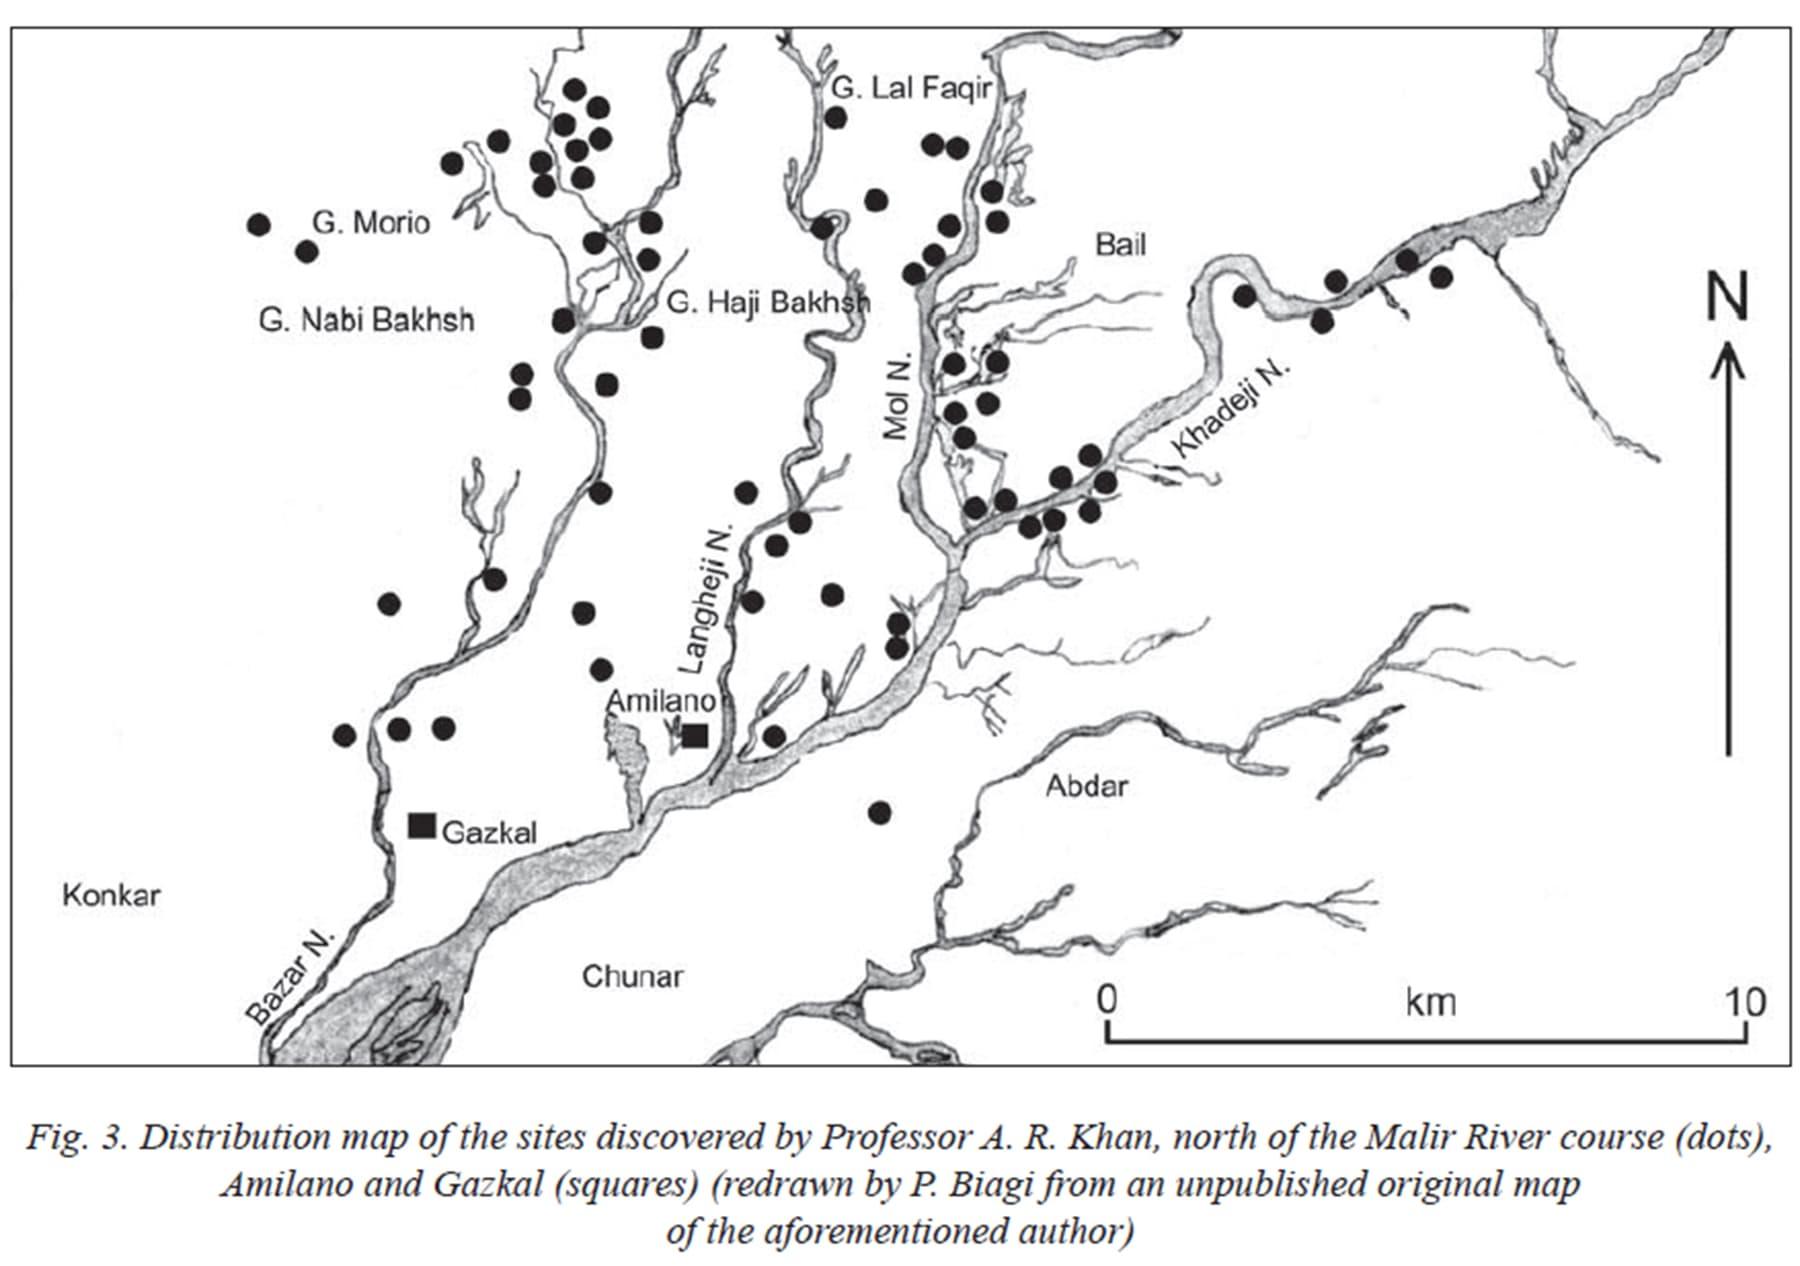 ڈاکٹر خان کو ملیر کی برساتی گزرگاہوں کے کناروں پر درمیانی سنگی زمانے کی بستیوں کے نشان ملے تھے